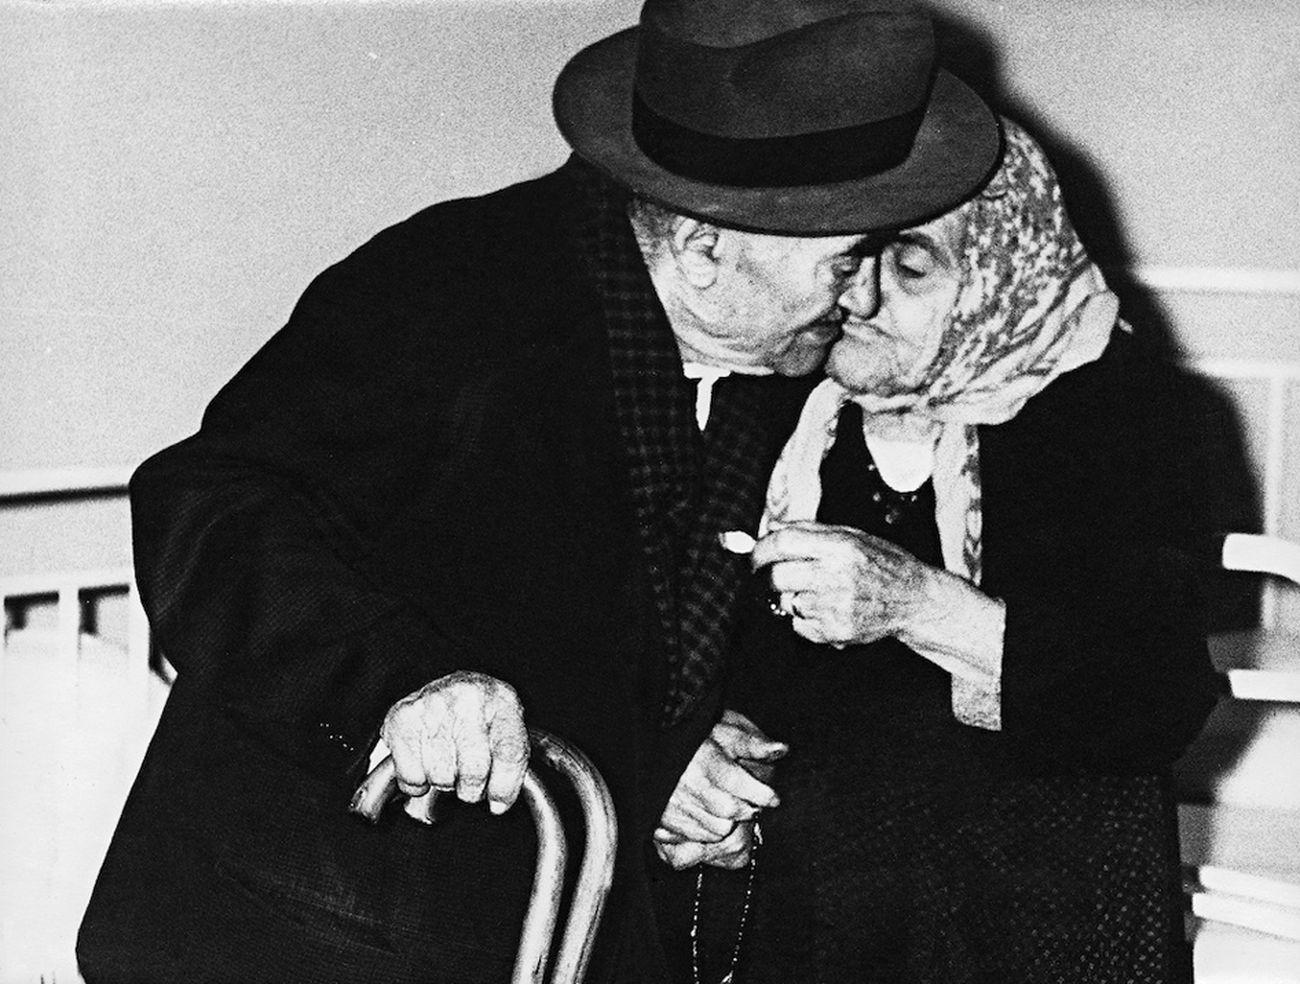 Mario Giacomelli, Verrà la morte e avrà i tuoi occhi, 1964 68, Gelatin Silver Print. Courtesy Collezione Civica Senigallia © Archivio Eredi Mario Giacomelli